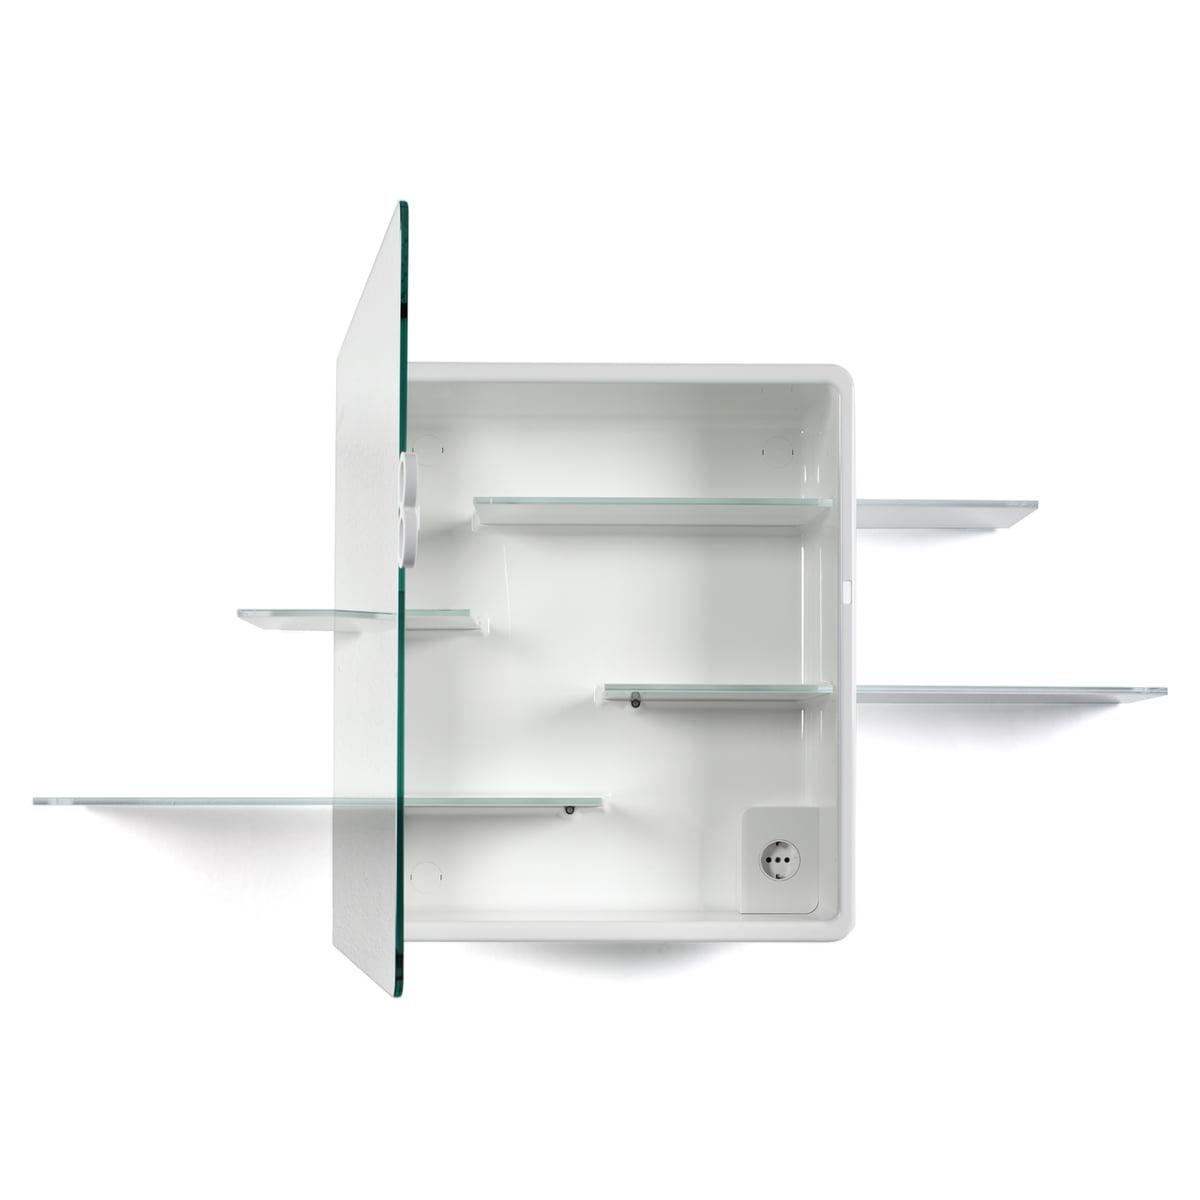 Kali spiegelschrank 1460